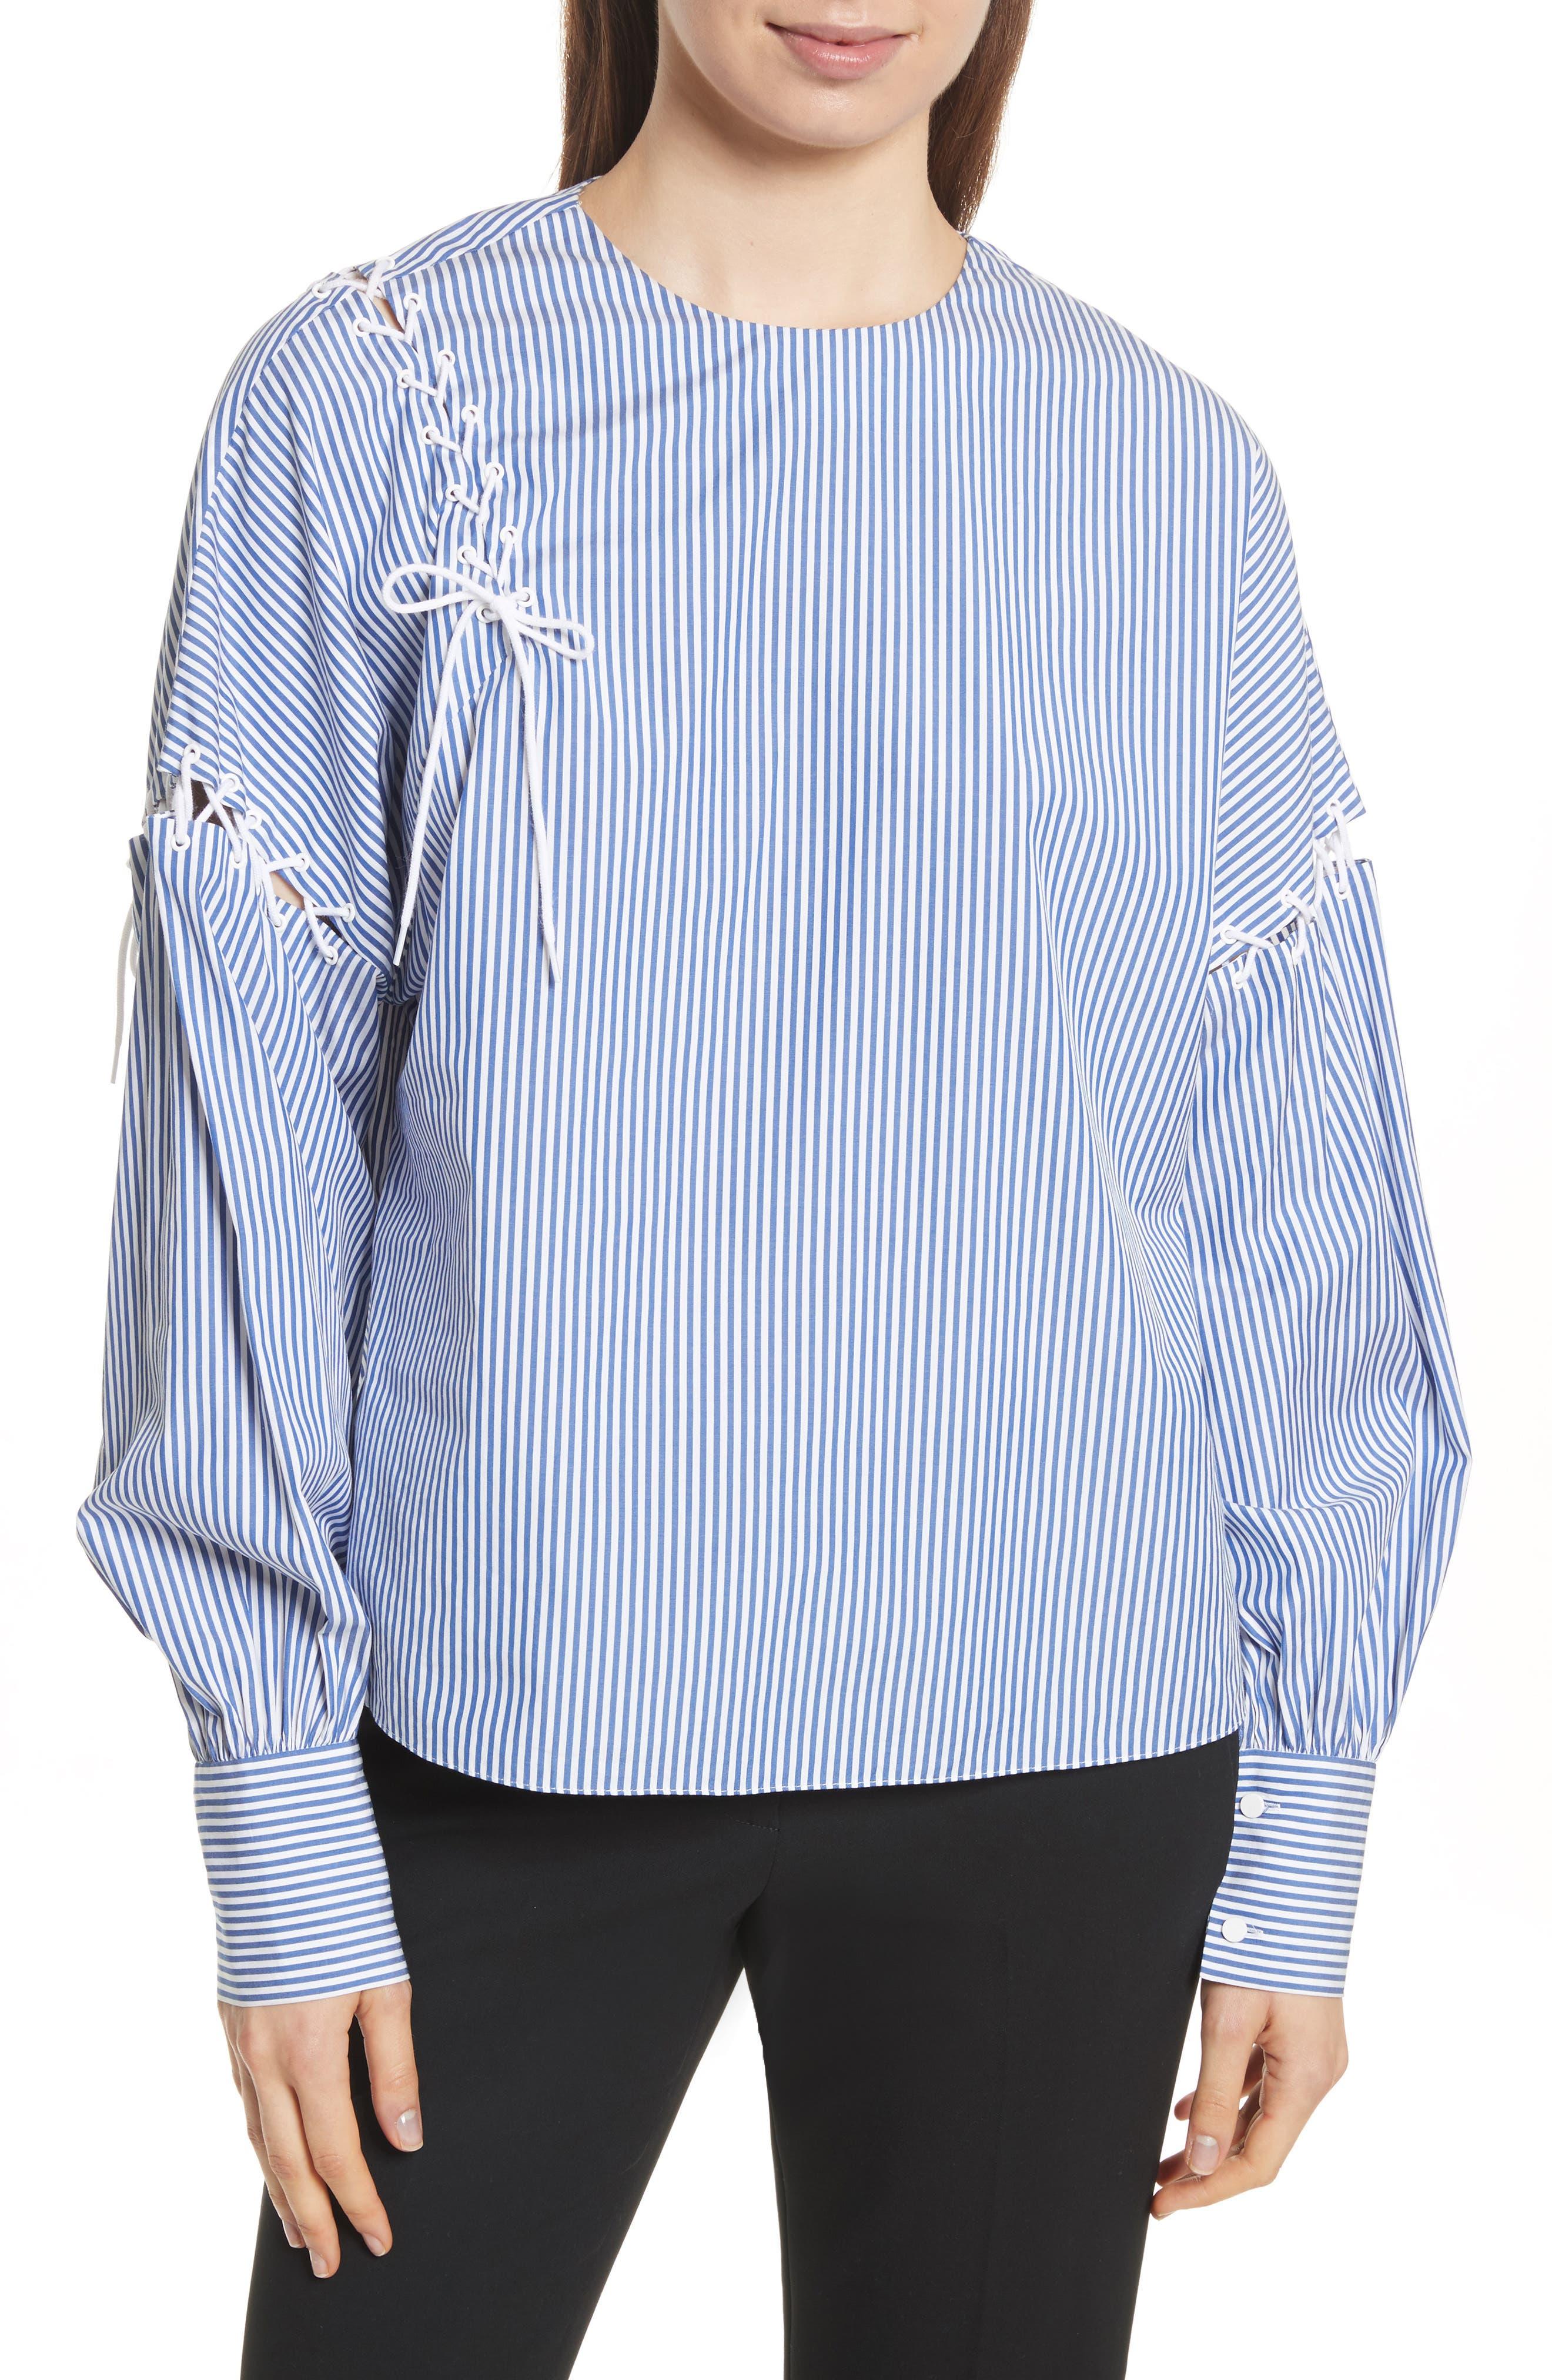 Tibi Shirting Stripe Top